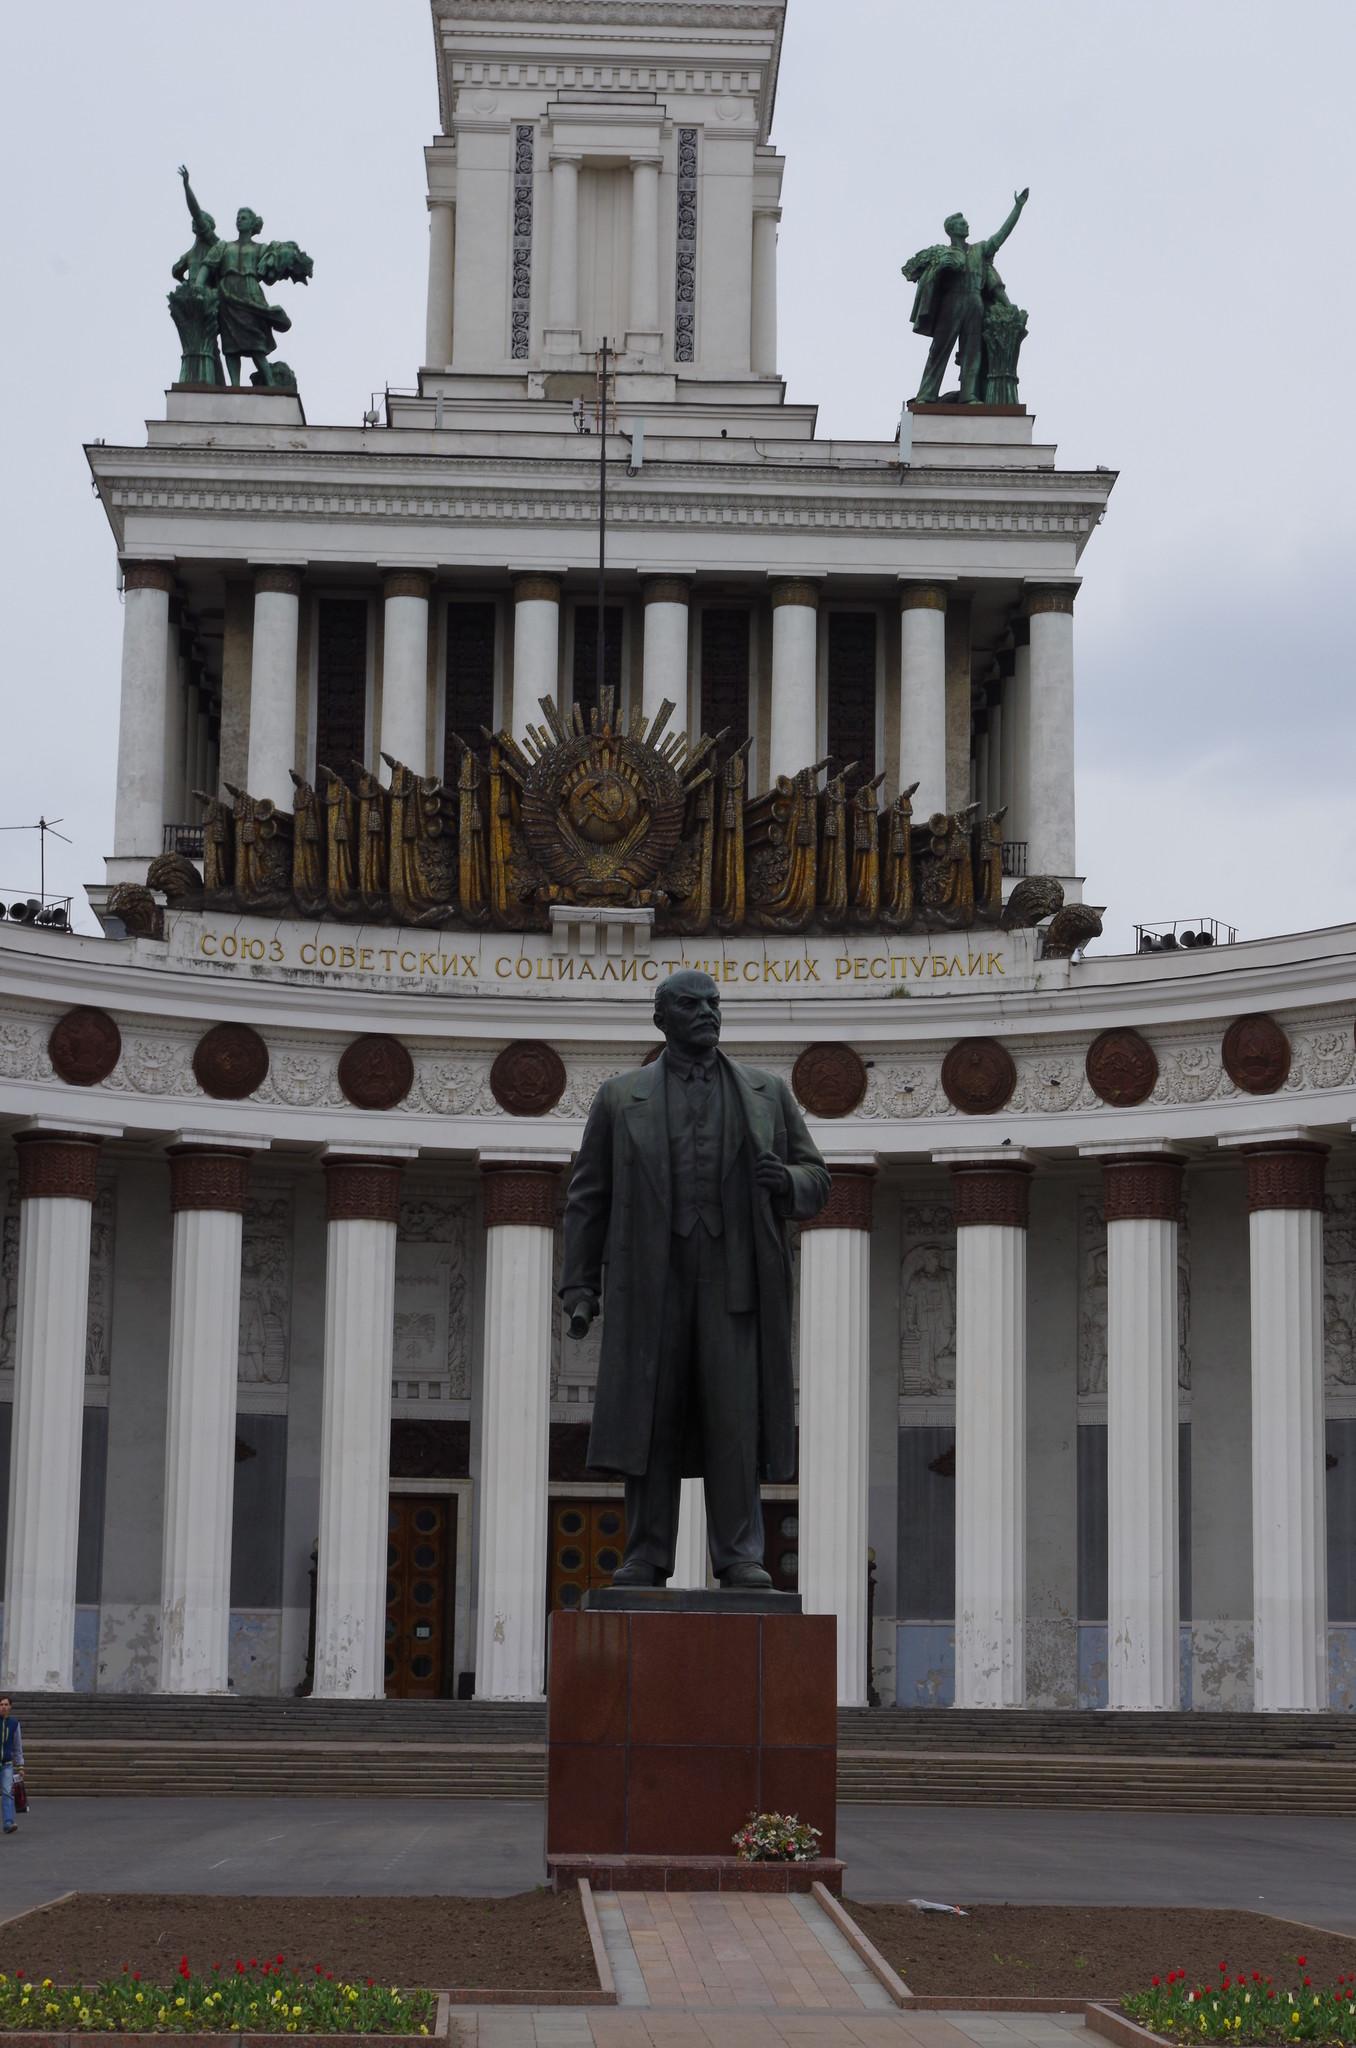 Памятник основателю советского государства В.И. Ленину работы П.П. Яцыно был открыт на ВДНХ в 1954 году